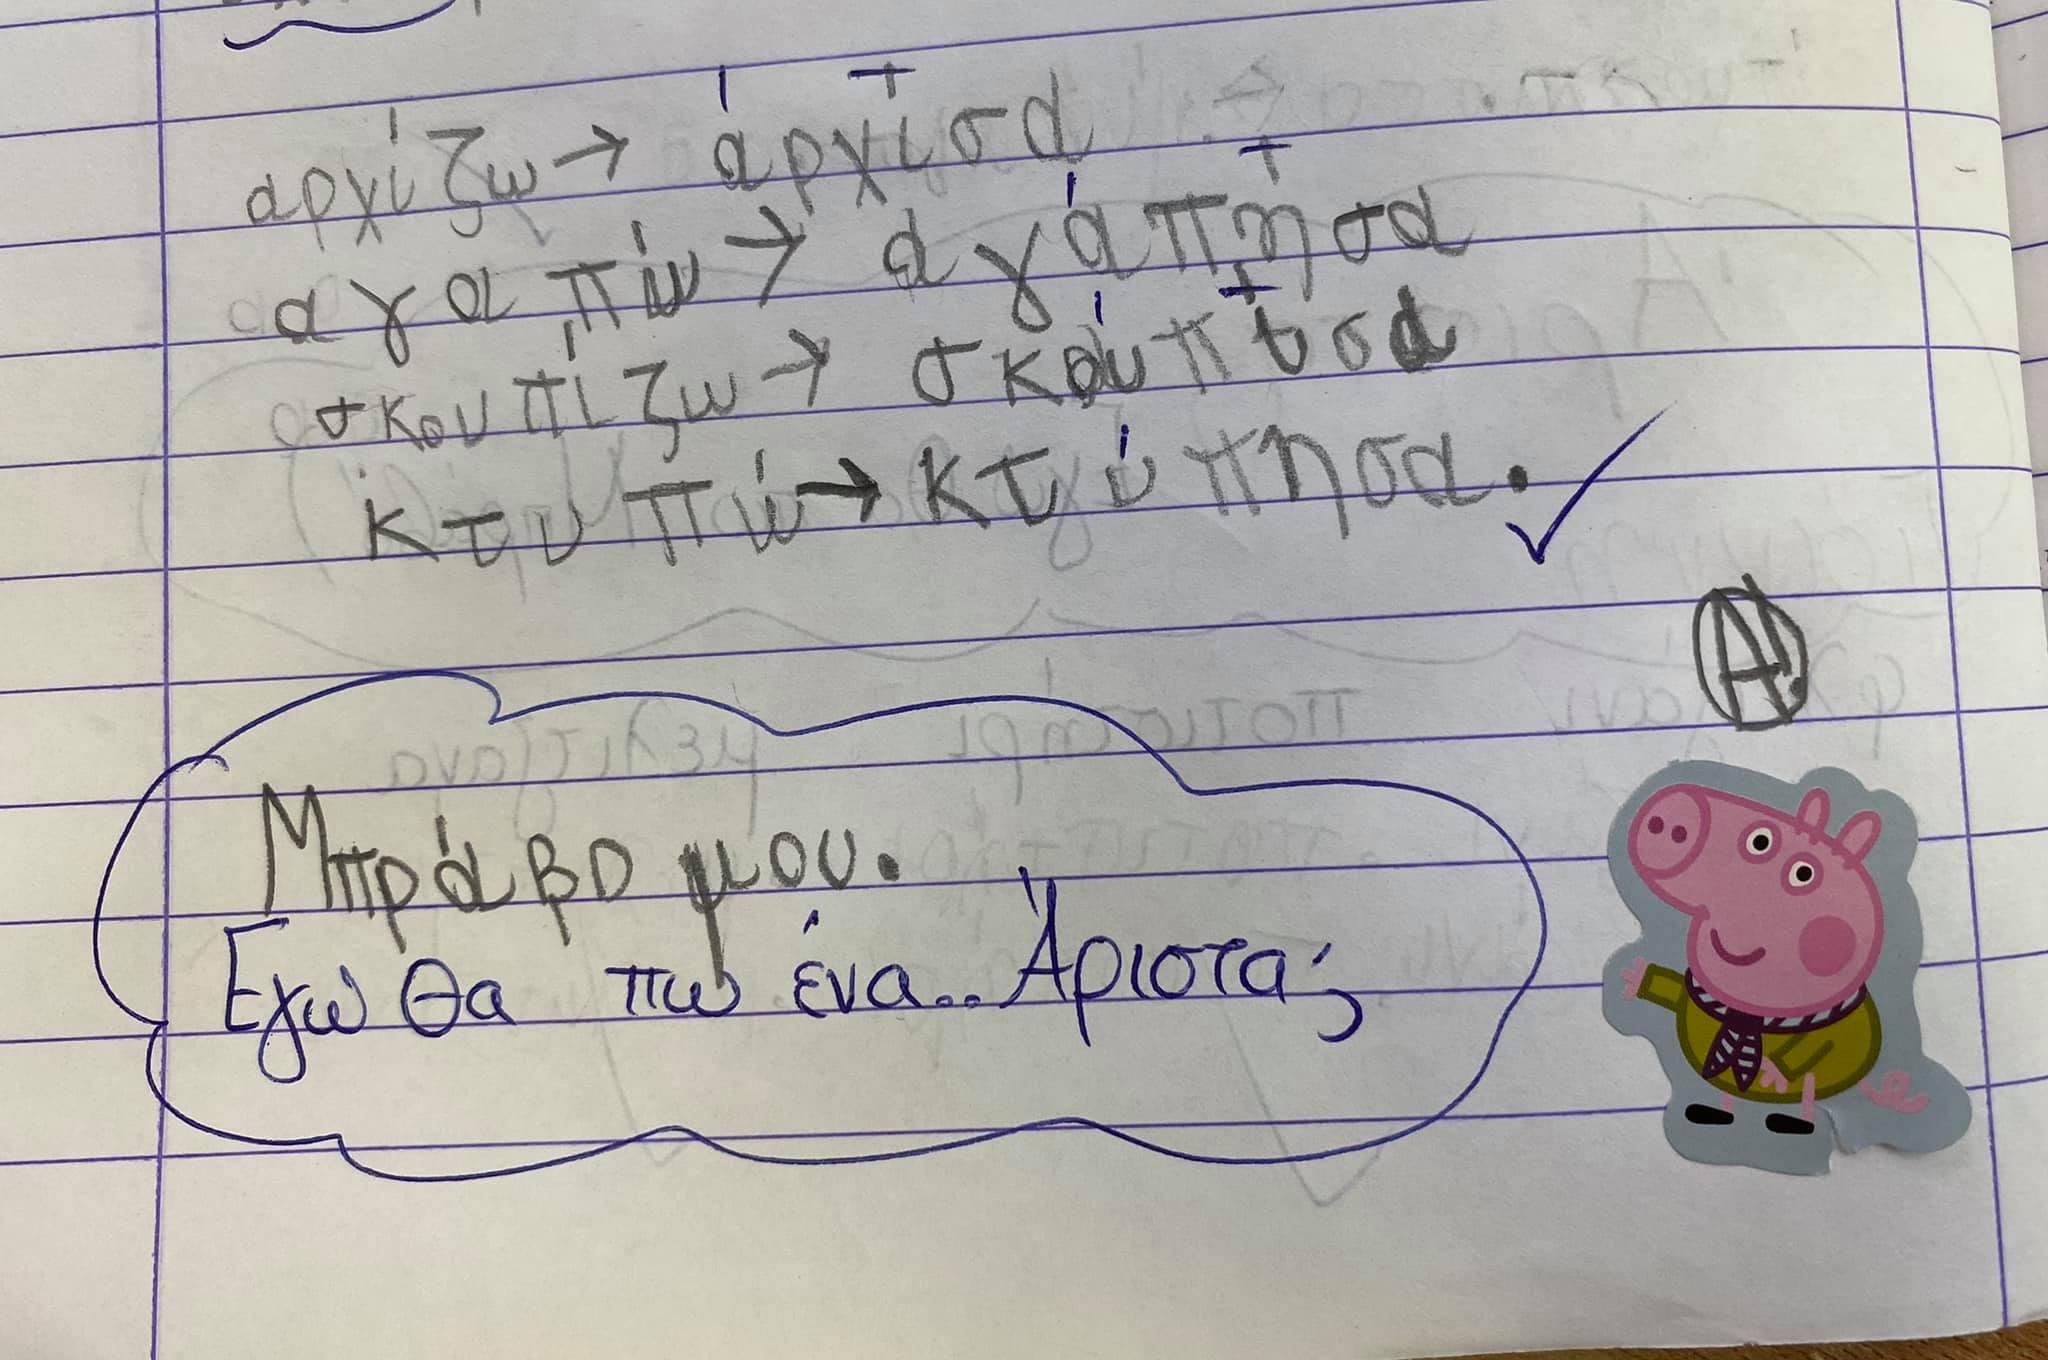 Μάριος Μάζαρης   Η τεχνική που εφαρμόζει στην τάξη του για την ενίσχυση της αυτοπεποίθησης των παιδιών